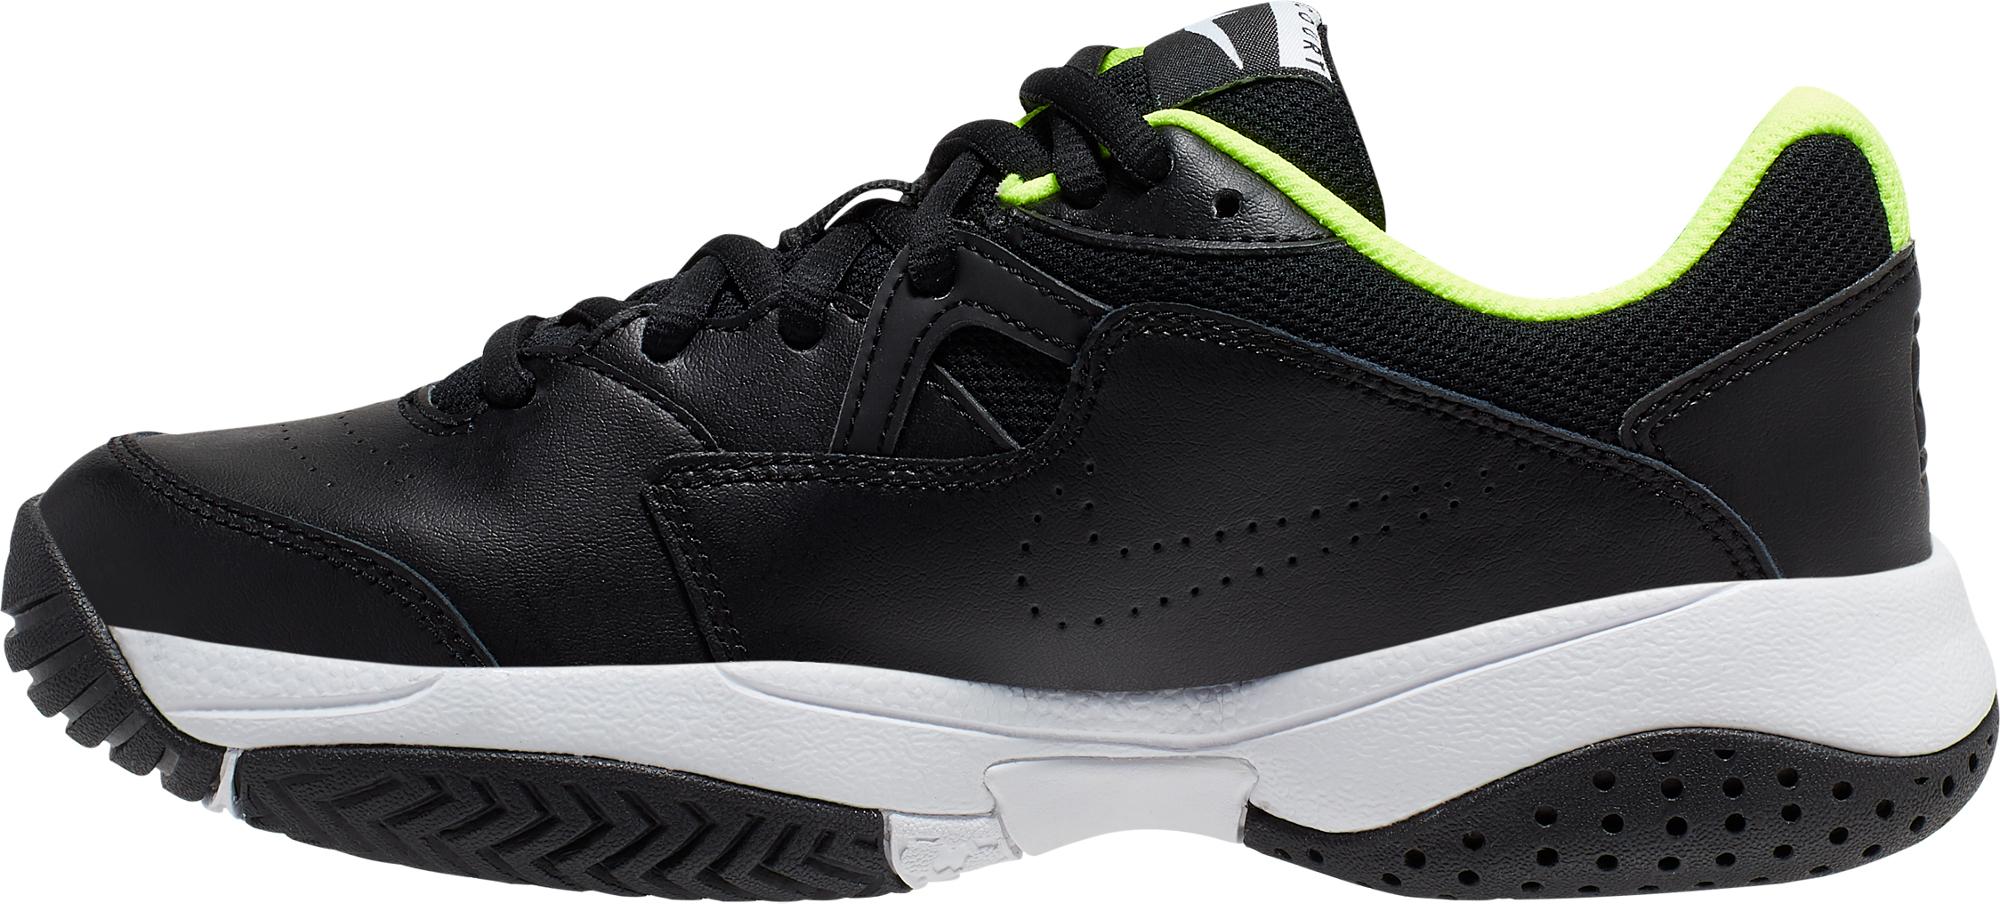 цена Nike Кроссовки детские Nike Court Lite 2, размер 35,5 онлайн в 2017 году